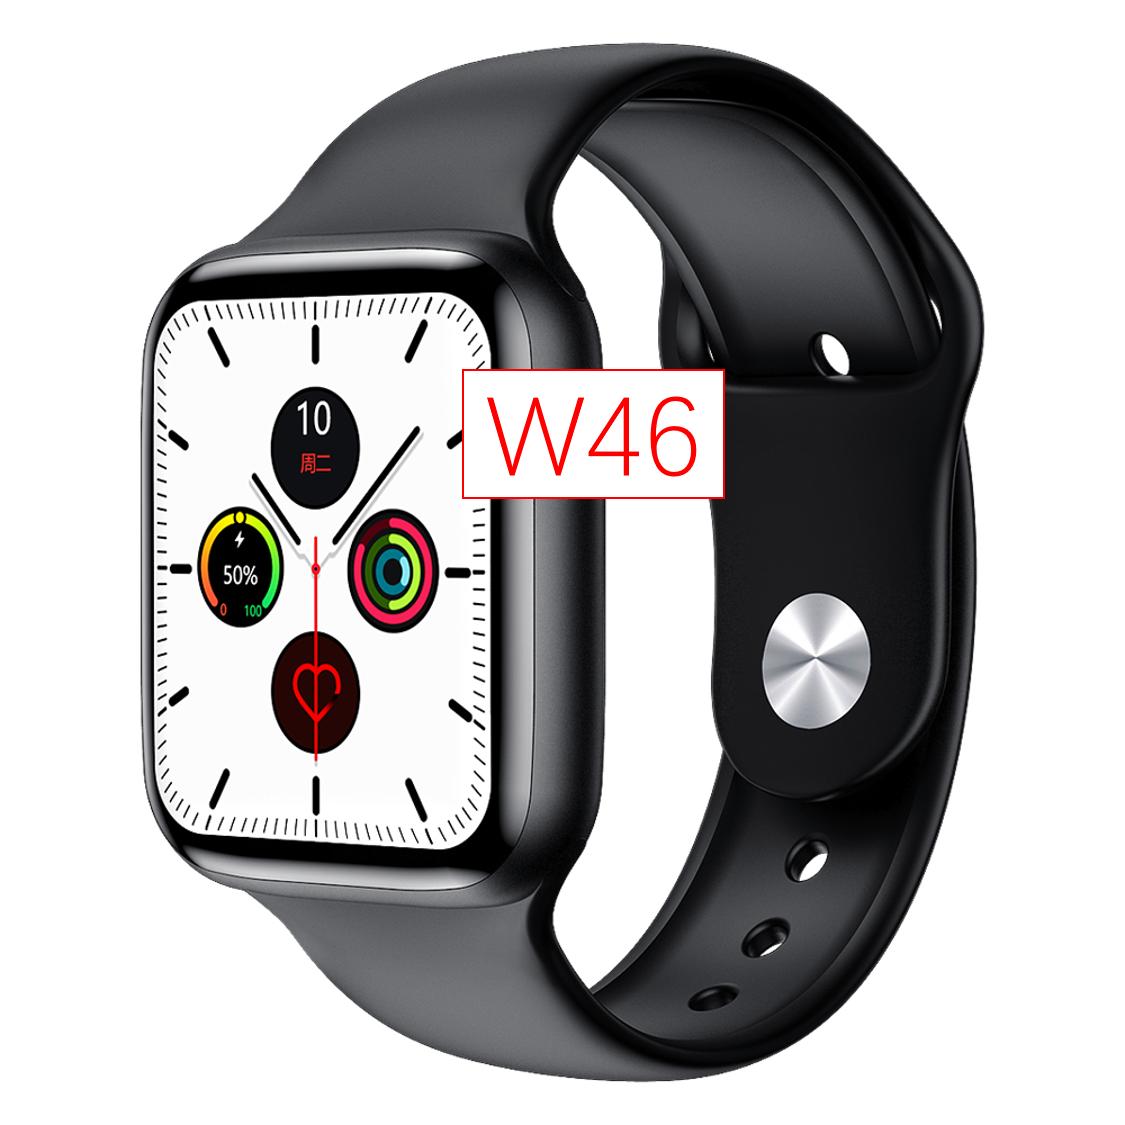 2021 новые оригинальные умные часы 1,75 дюймов экран IP68 водонепроницаемый монитор сердечного ритма ЭКГ Смарт часы Iwo W46